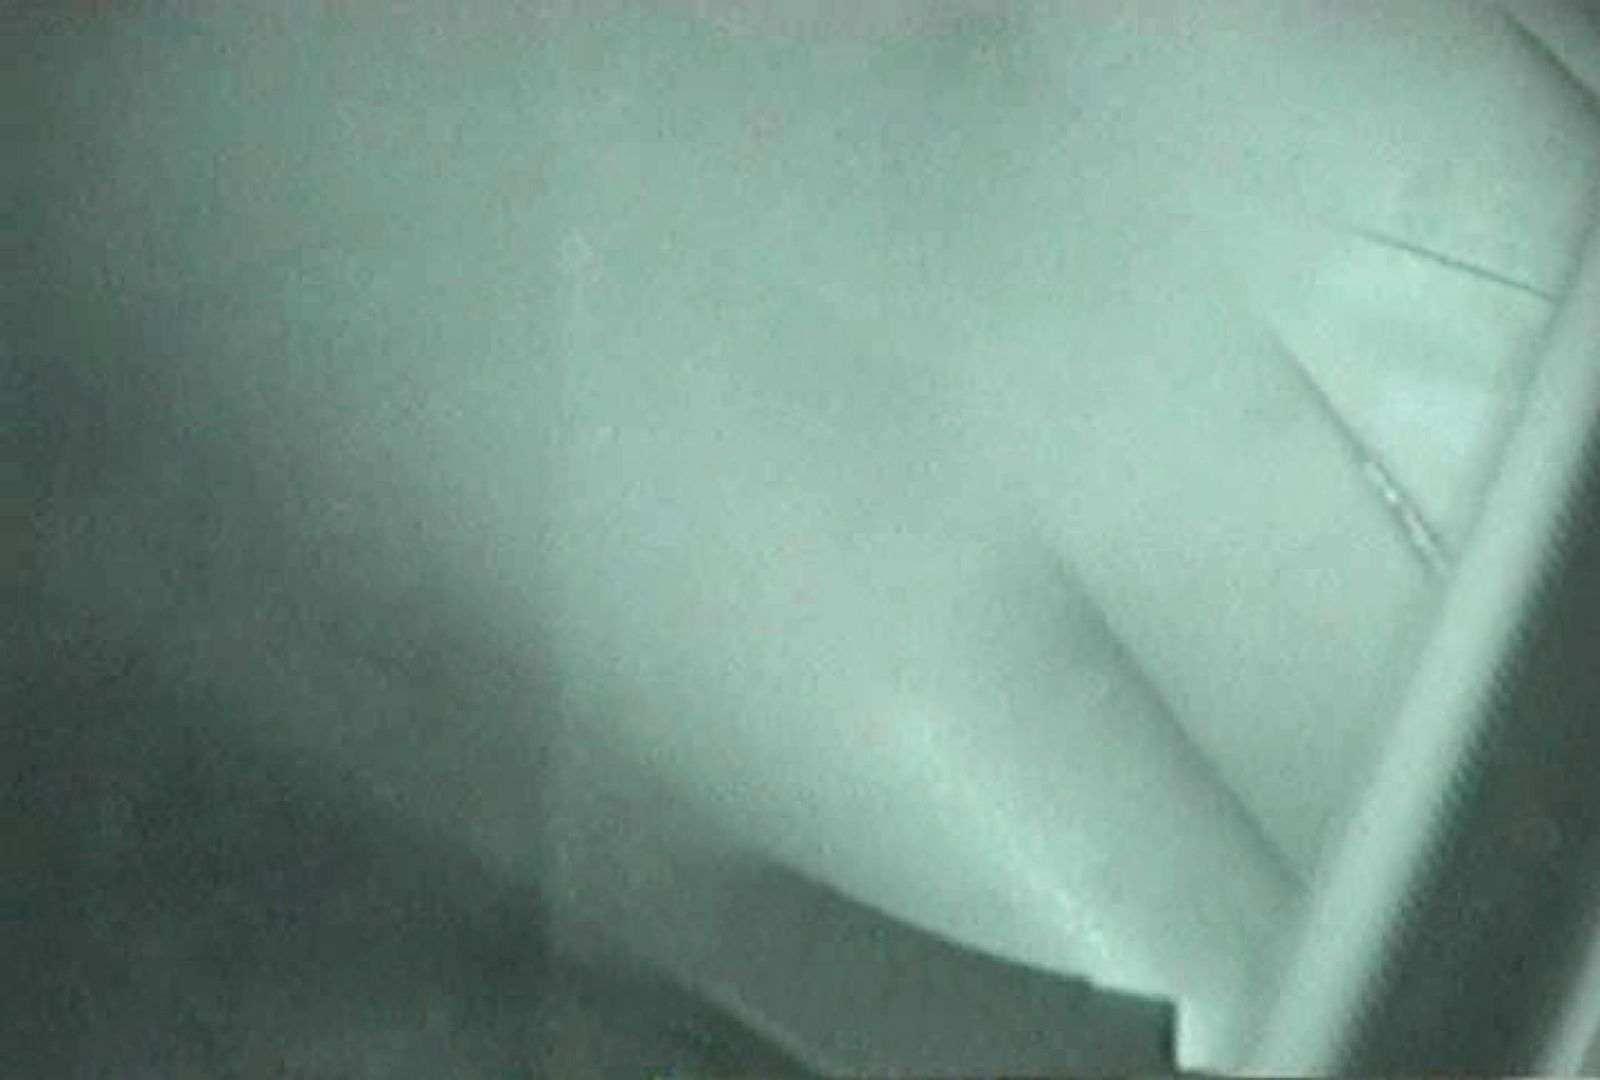 充血監督の深夜の運動会Vol.52 すけべなOL  108画像 108